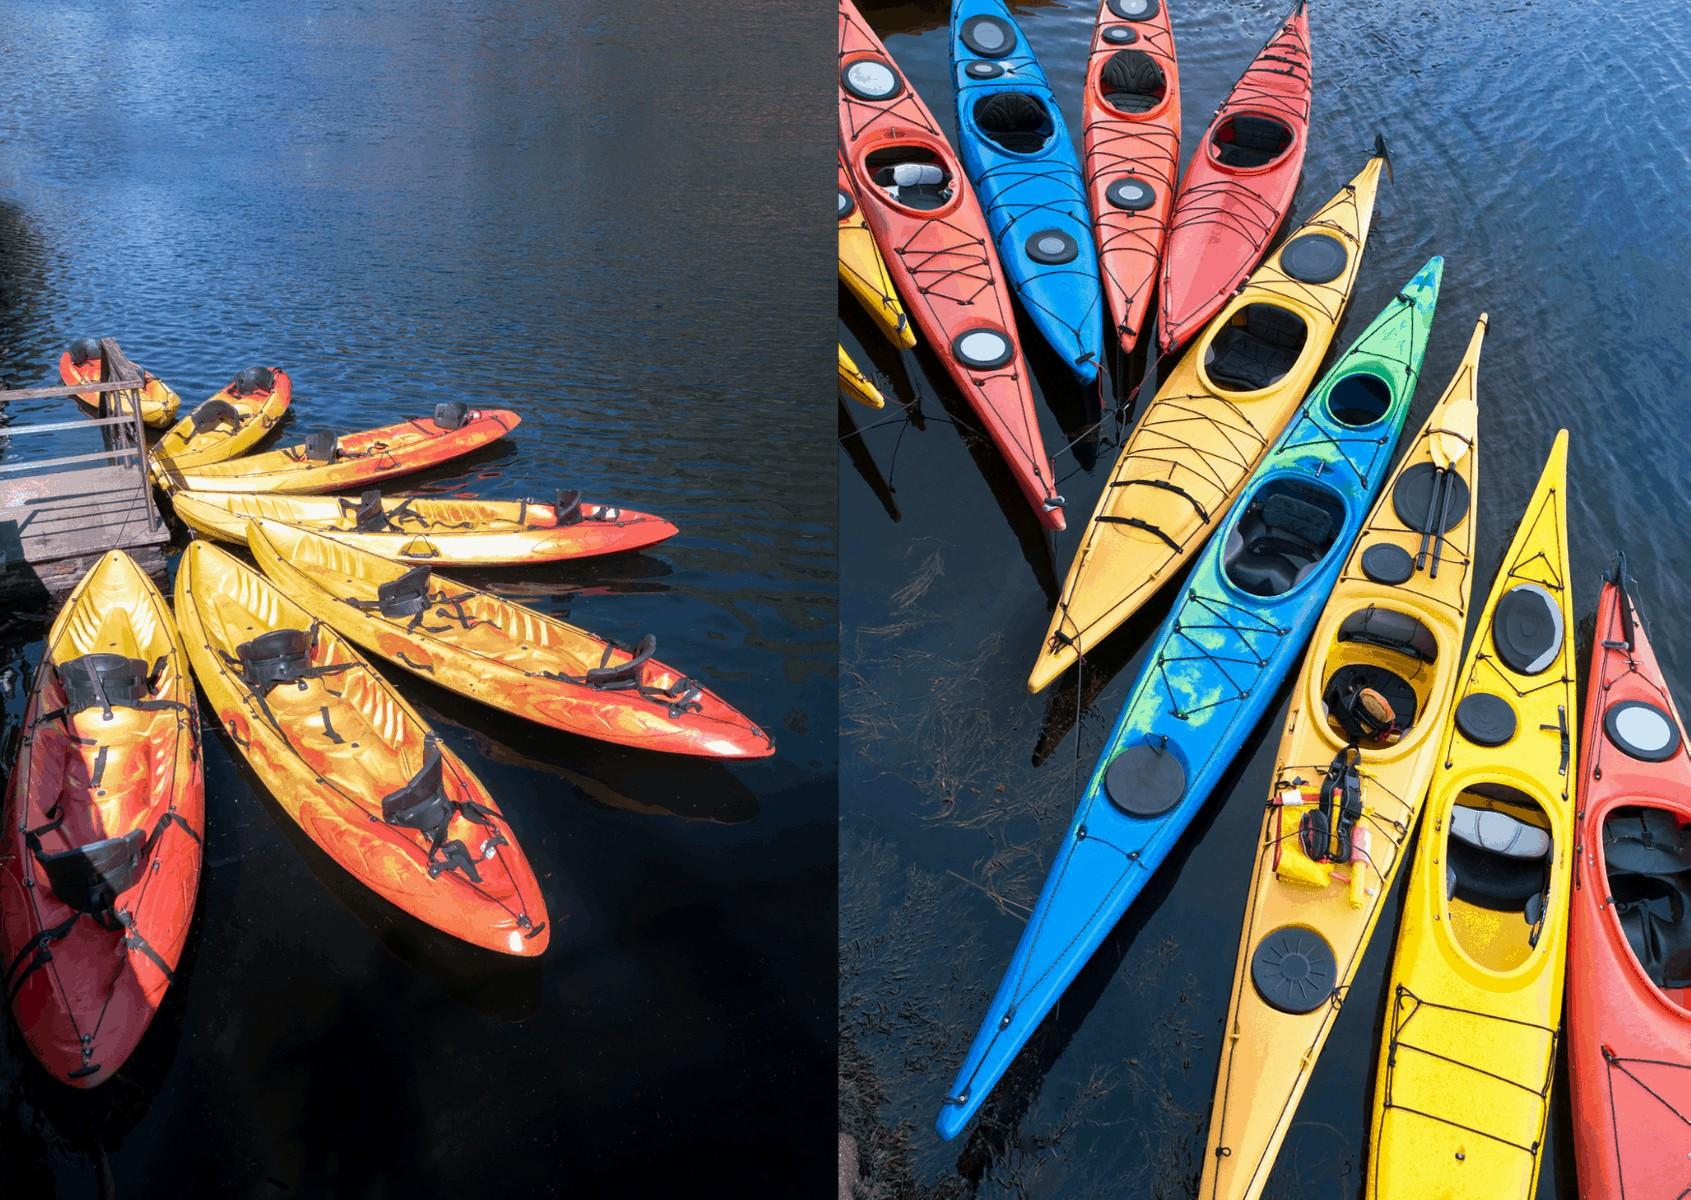 sit on versus sit in kayaks